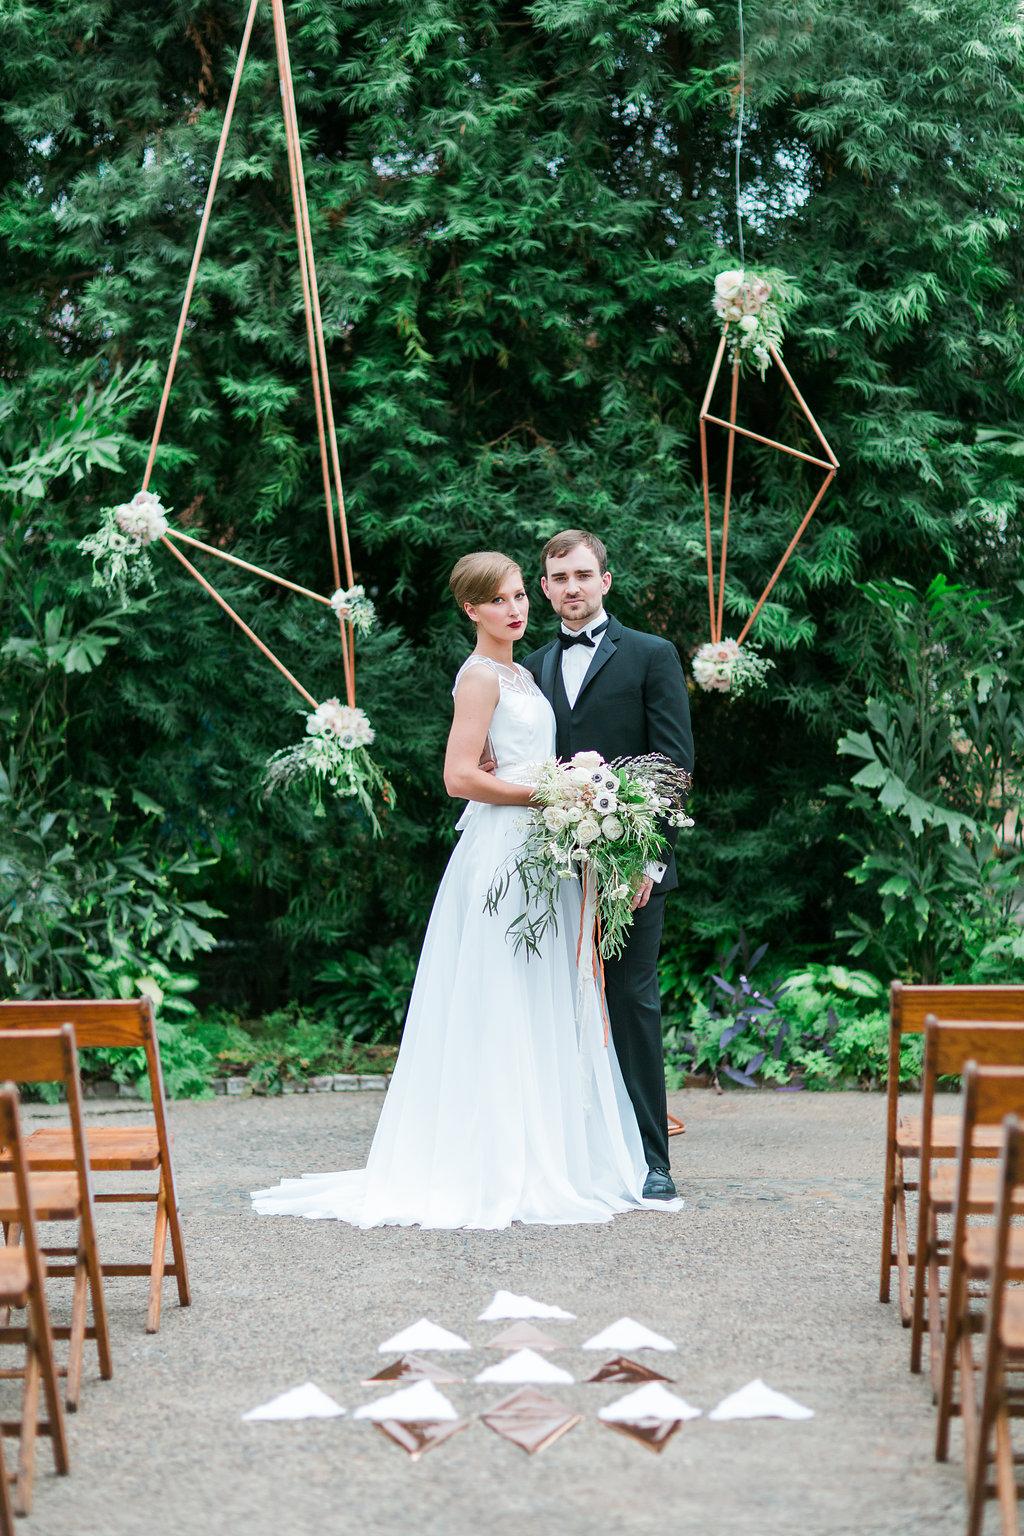 Philadelphia-Wedding-Photographer_Jessica-Cooper-Photography-53